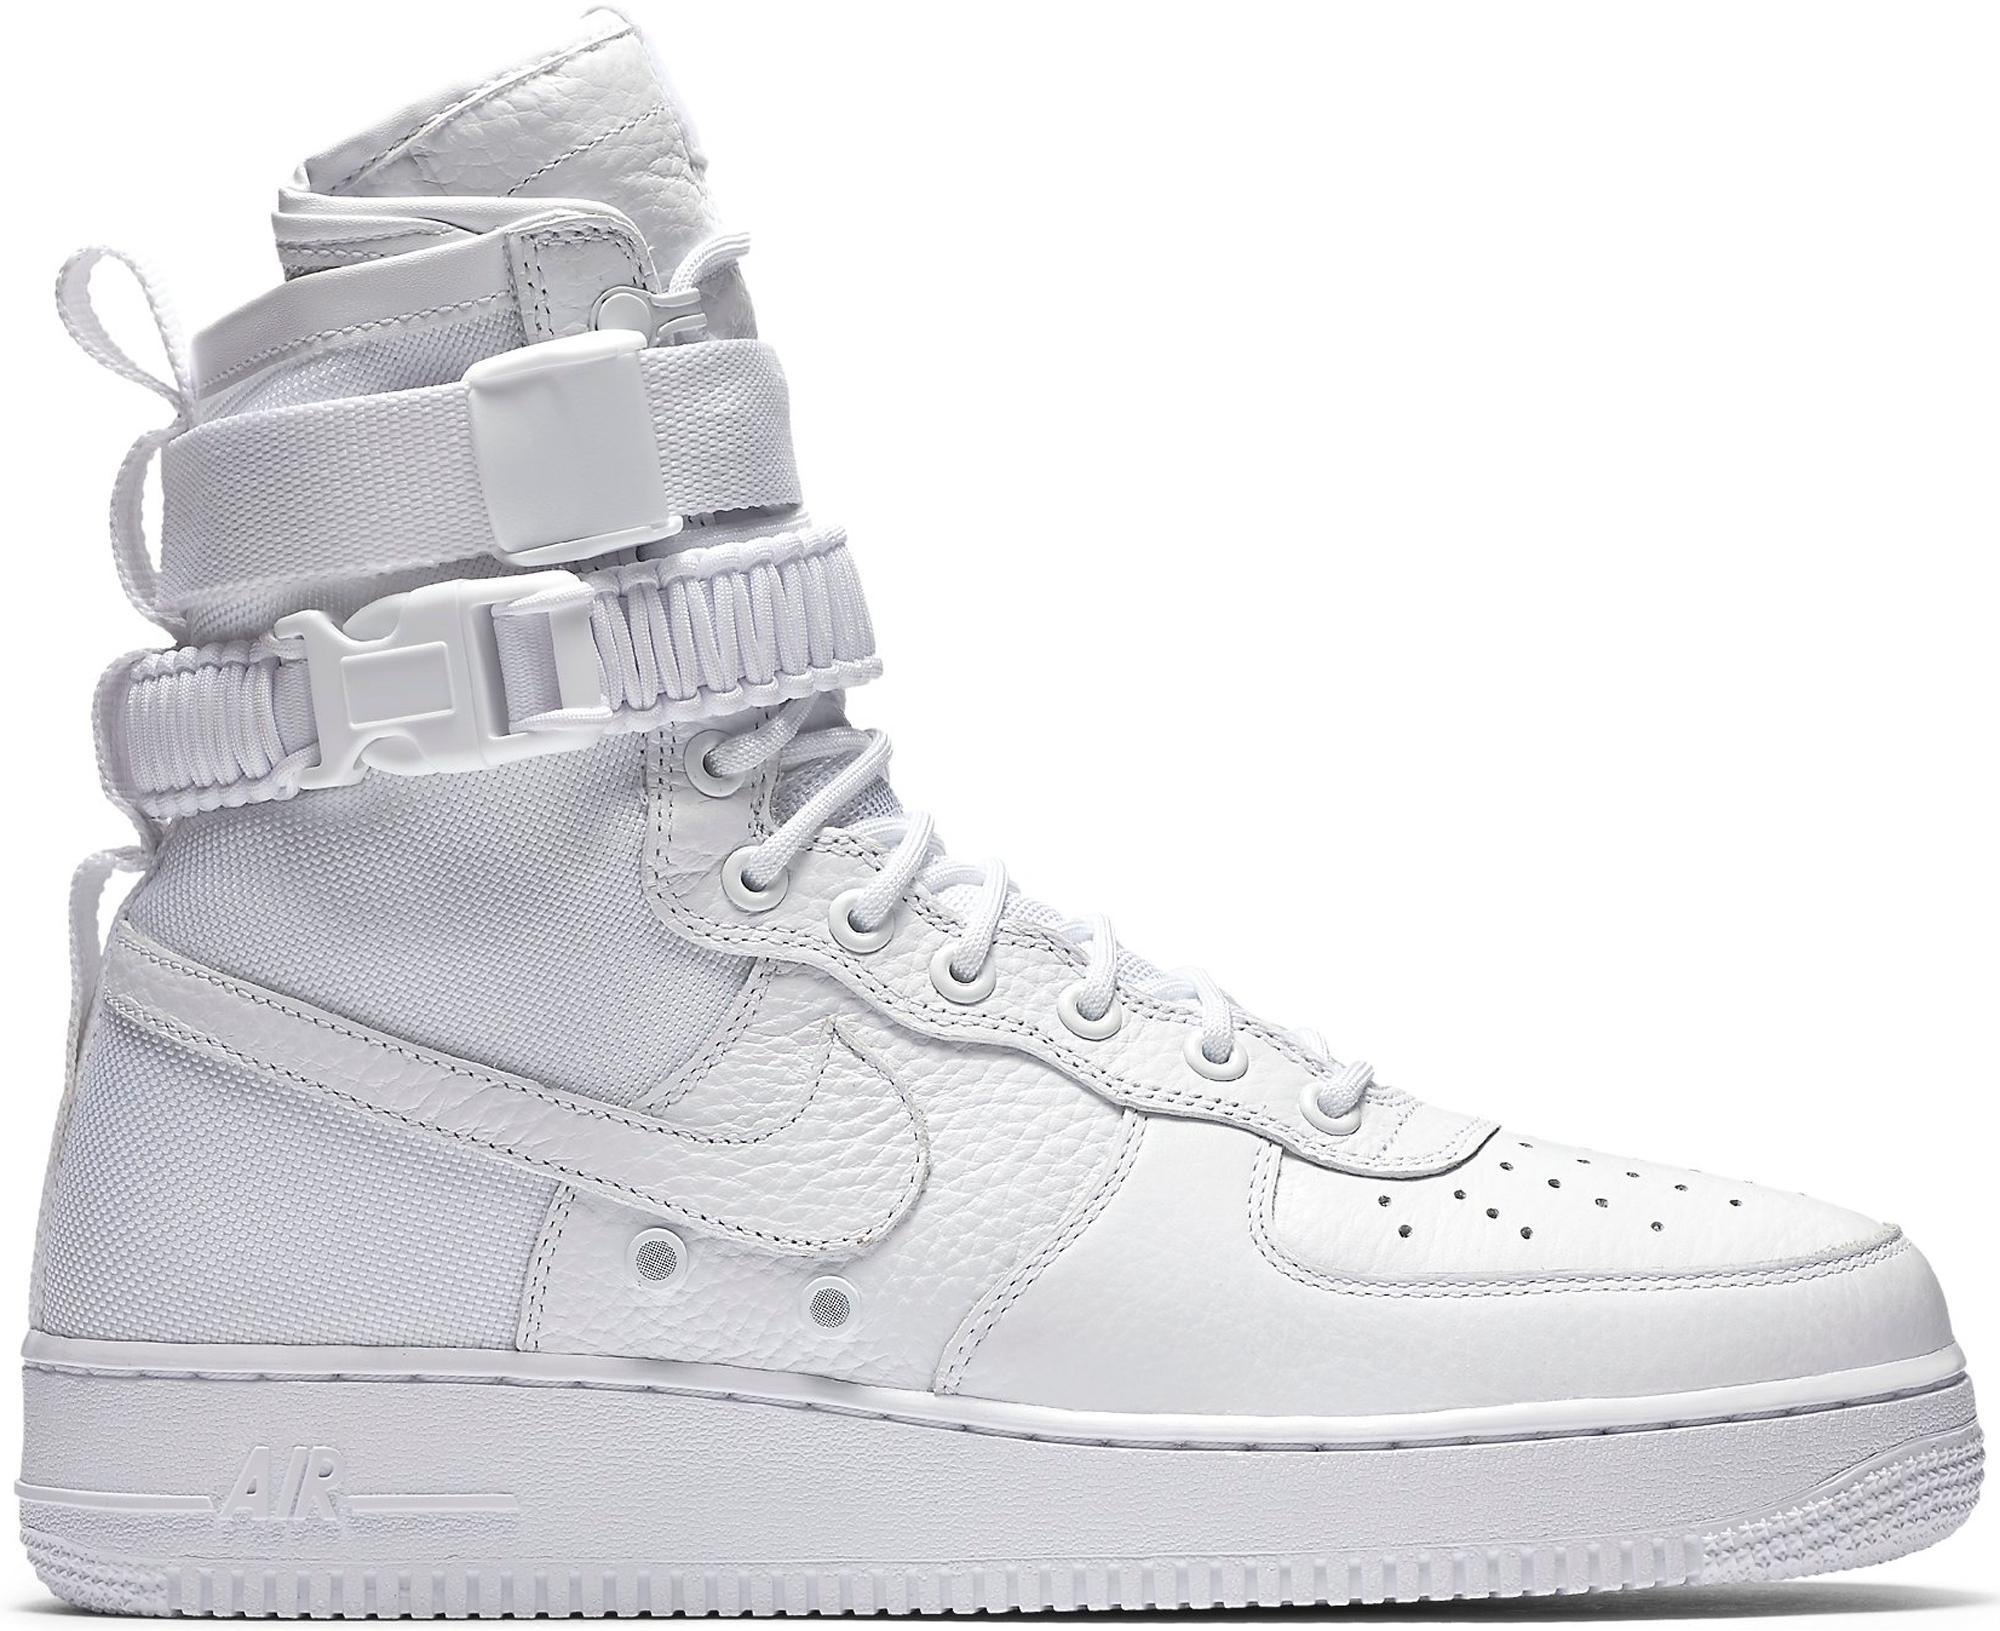 Nike Sf Air Force 1 High White (2017